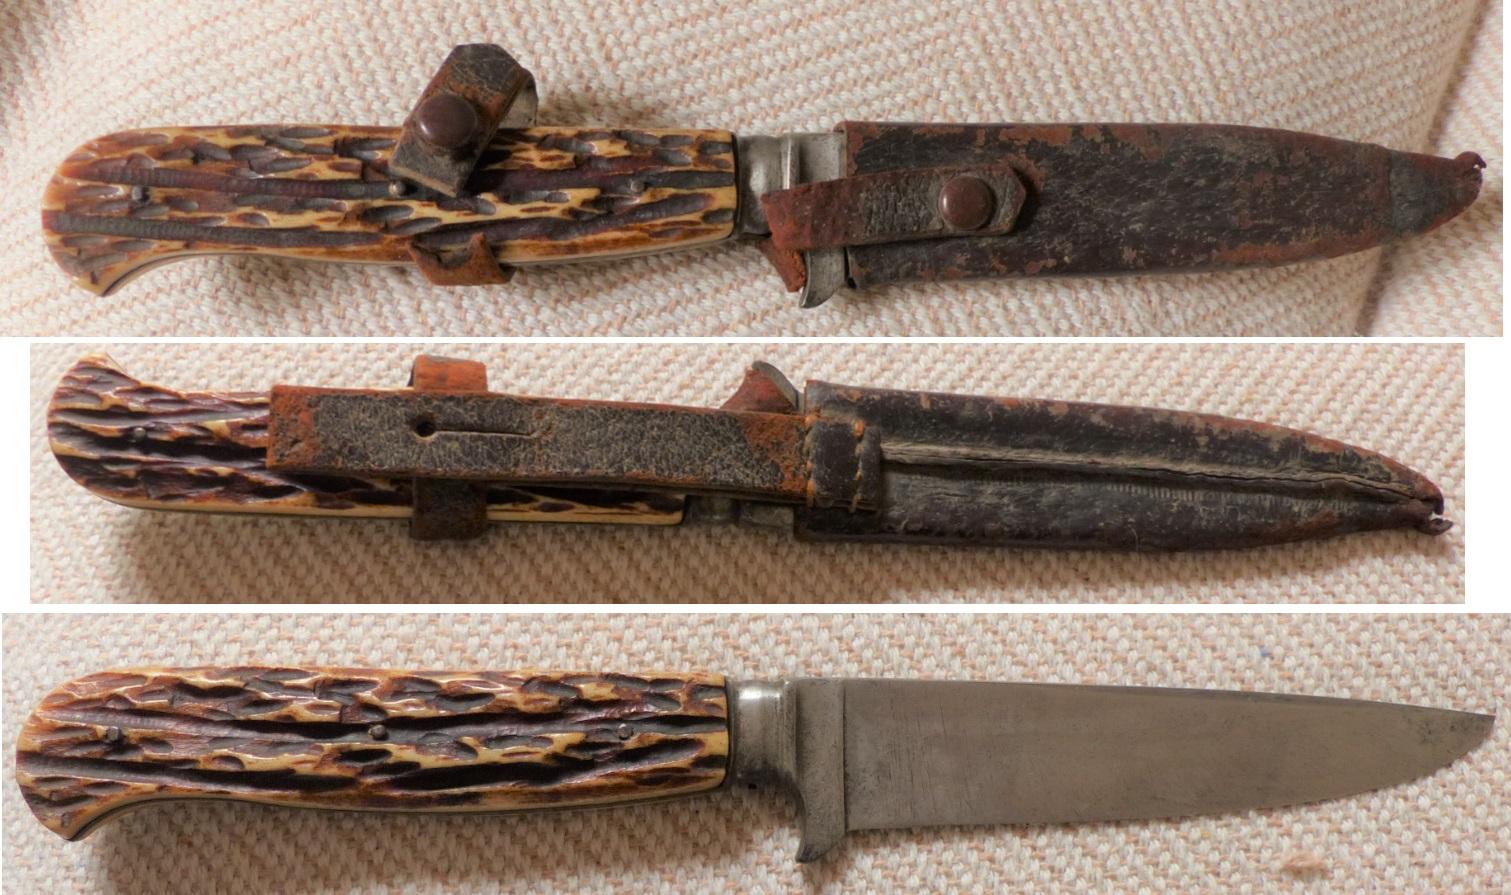 Couteau de chasse allemand possible utilisation couteau de tranchée ? Chasse